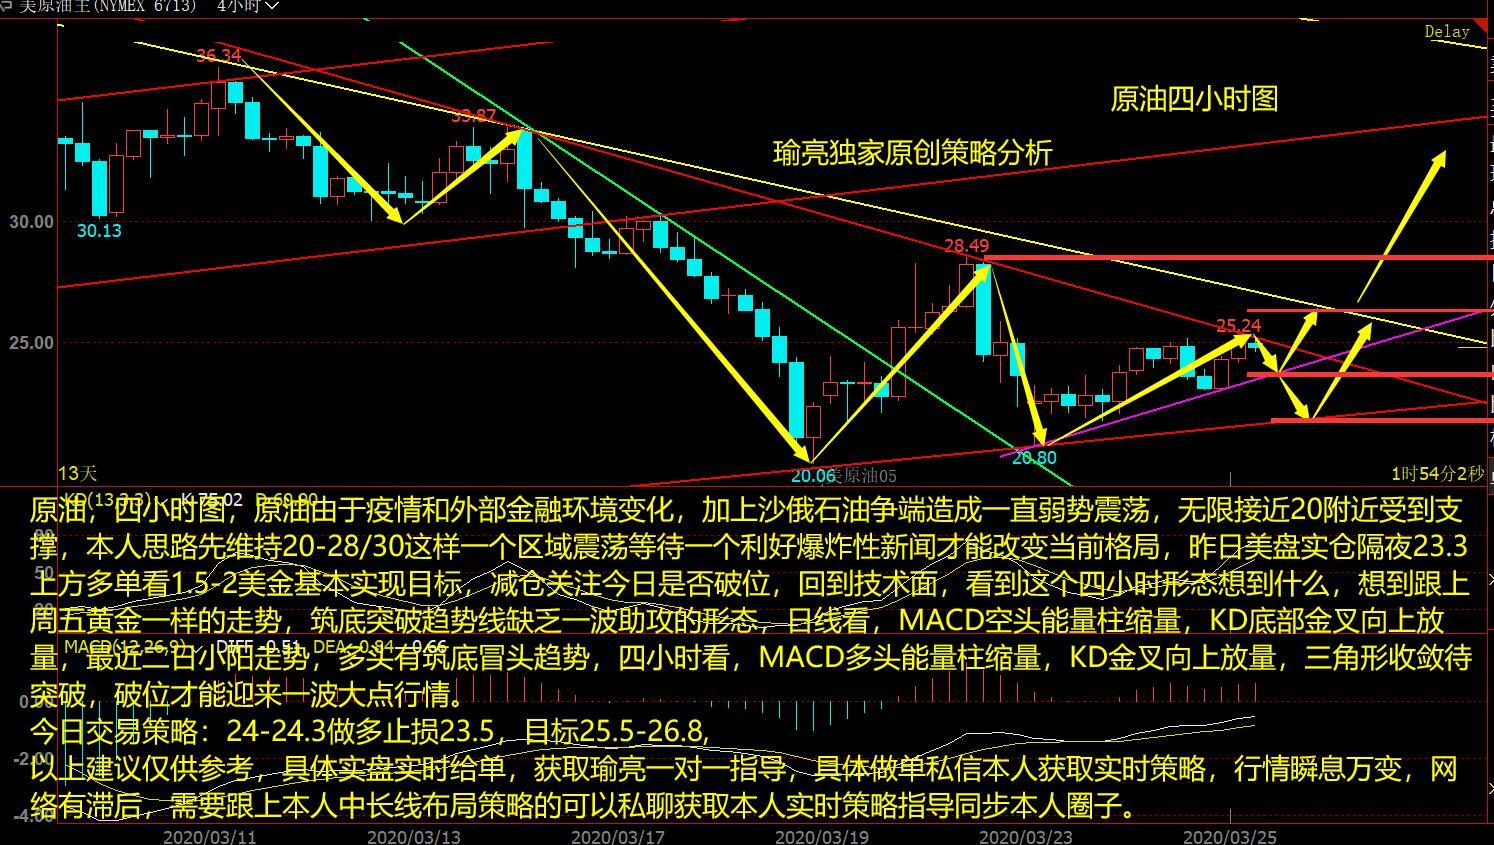 黄瑜亮:3-25原油弱势震荡筑底待破位 今日交易策略分析